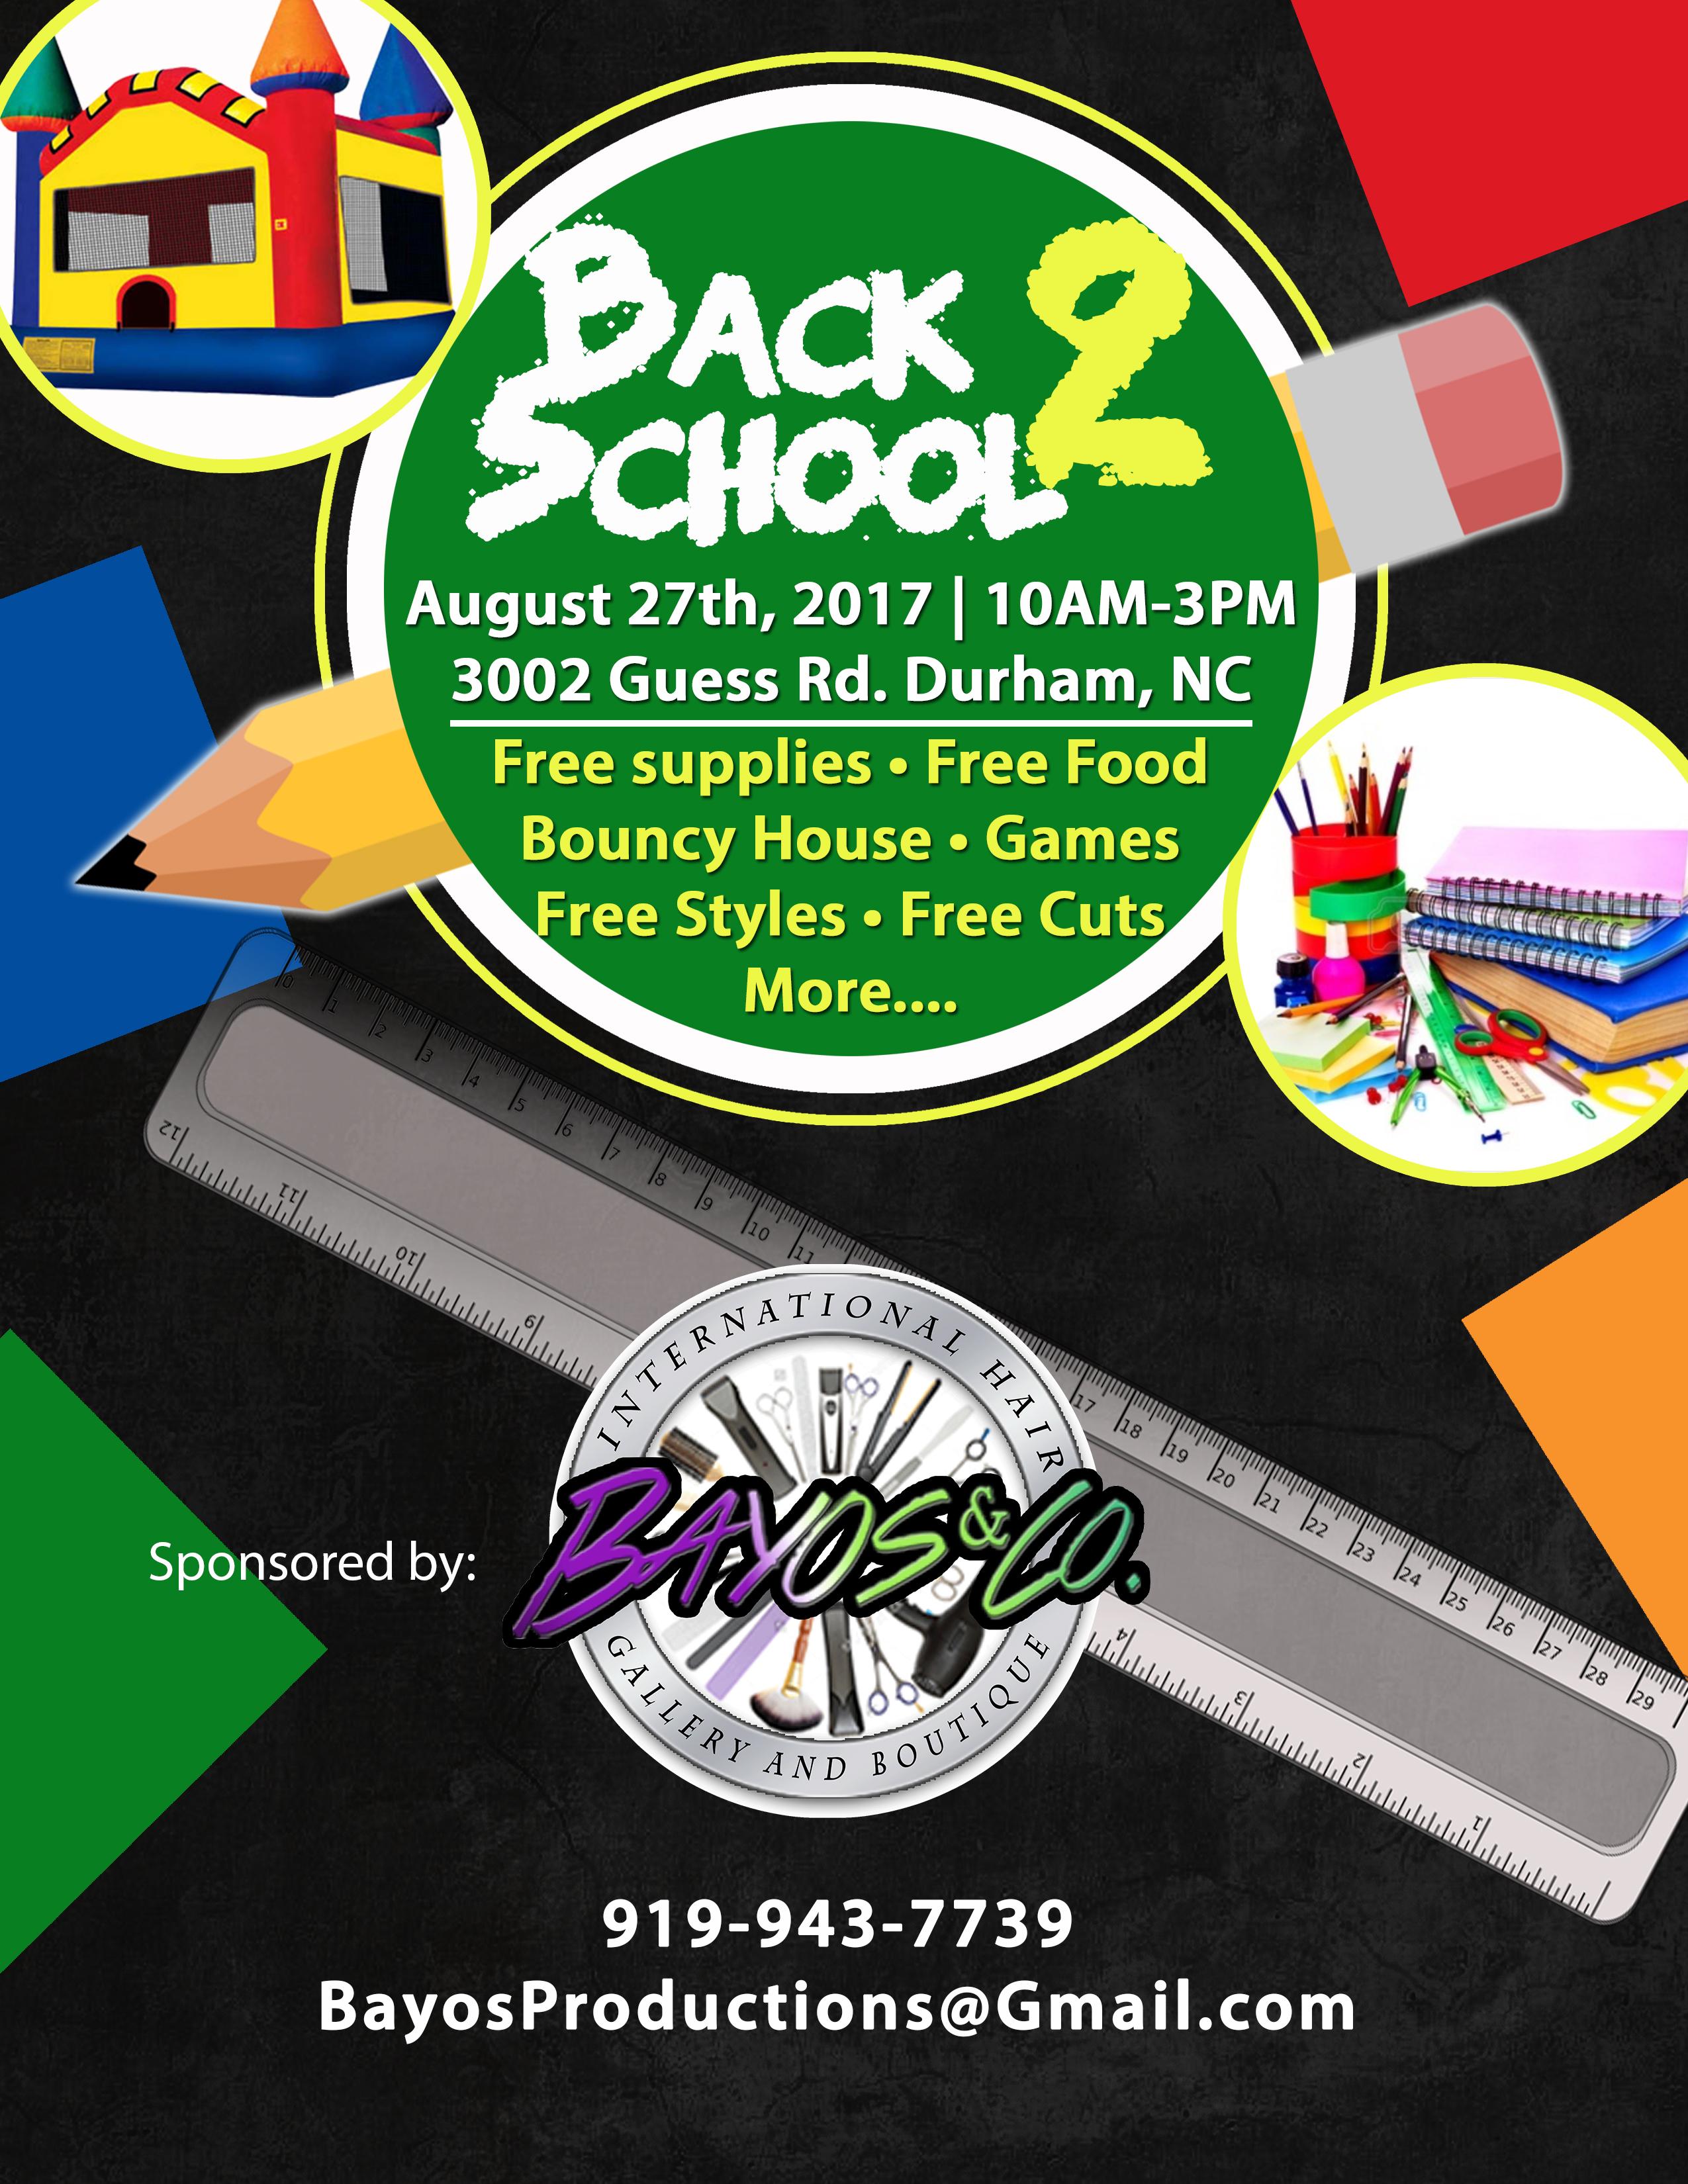 Backtoschool2017